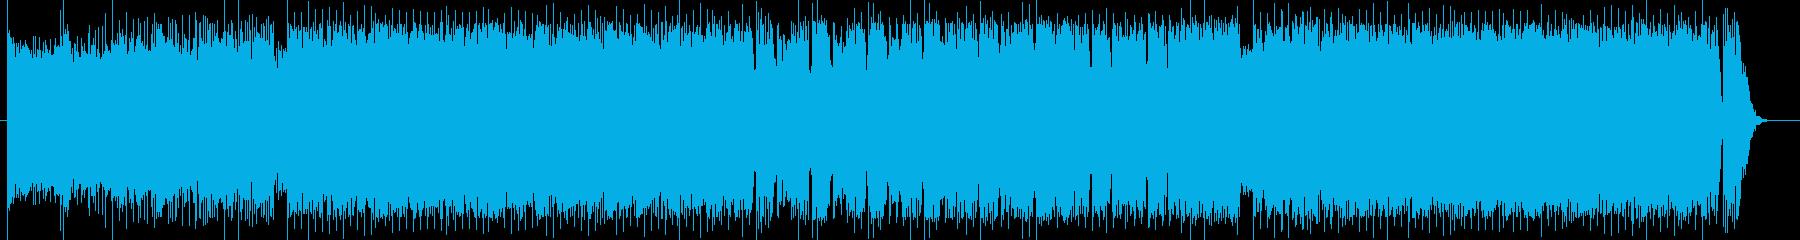 敵の行進 魔王軍進行 バトルBGMの再生済みの波形